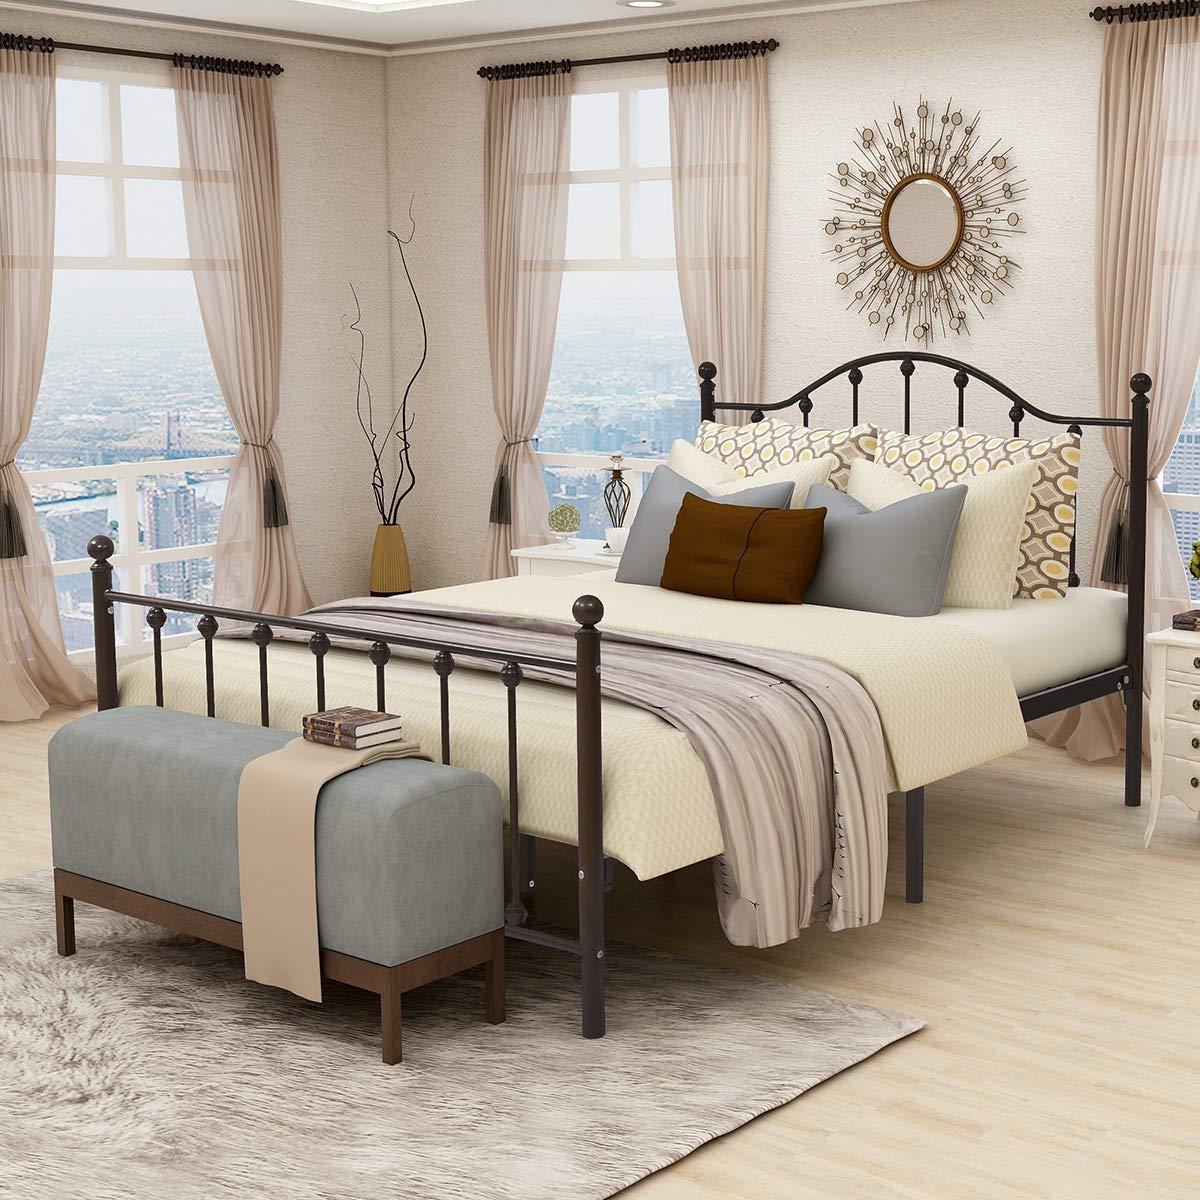 ffc5fc0e74d84 BUFF HOME Queen Size Metal Bed Platform - TiendaMIA.com